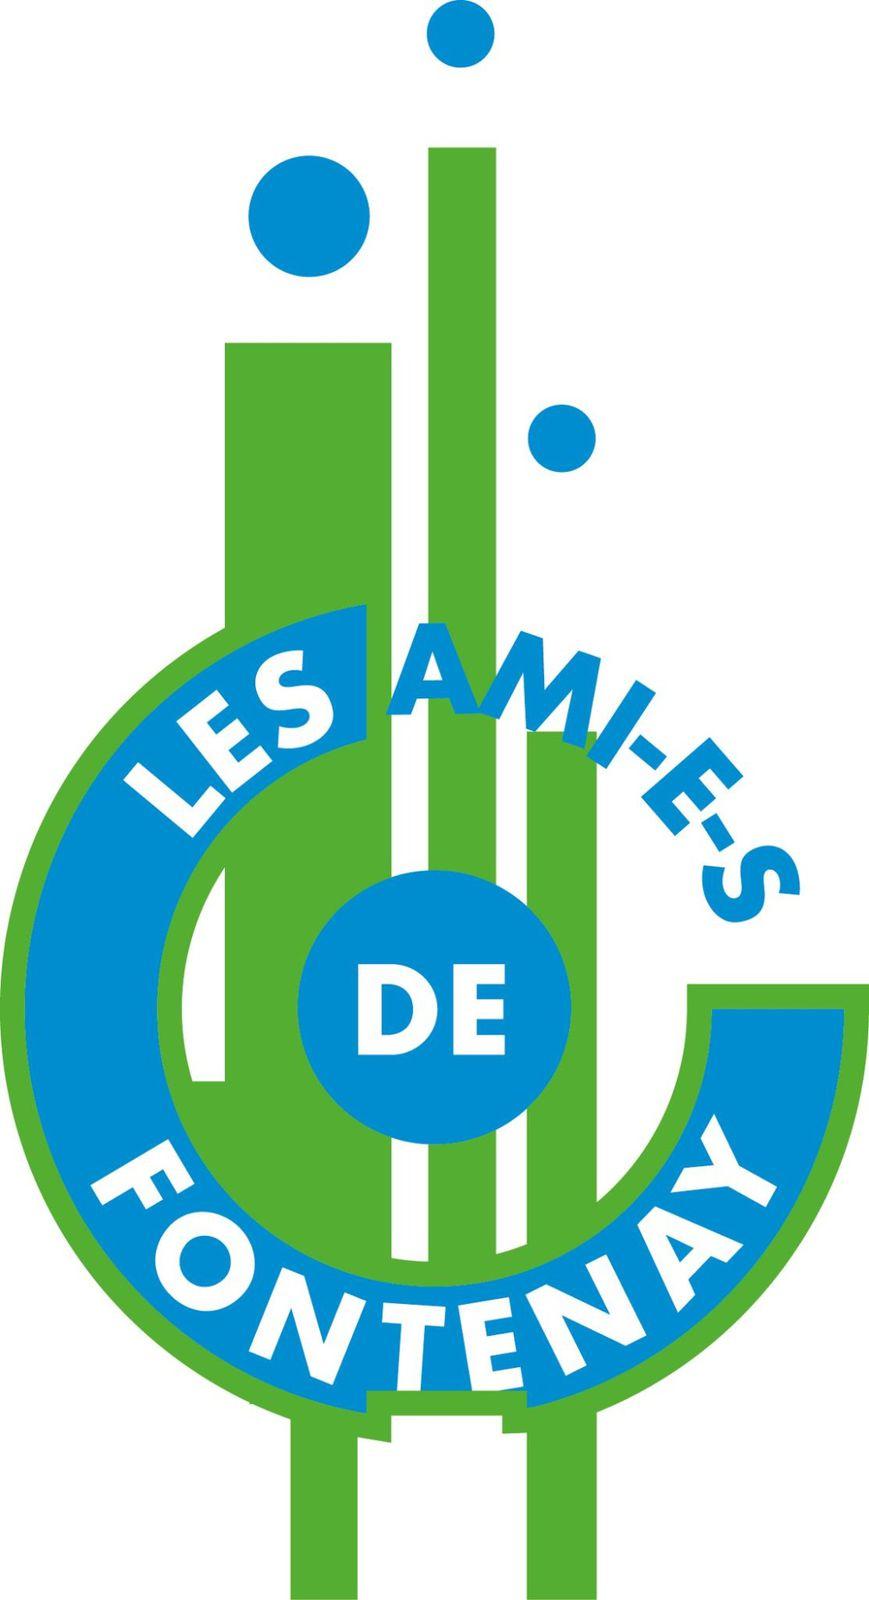 Bienvenue sur le site des ami-e-s de Fontenay !